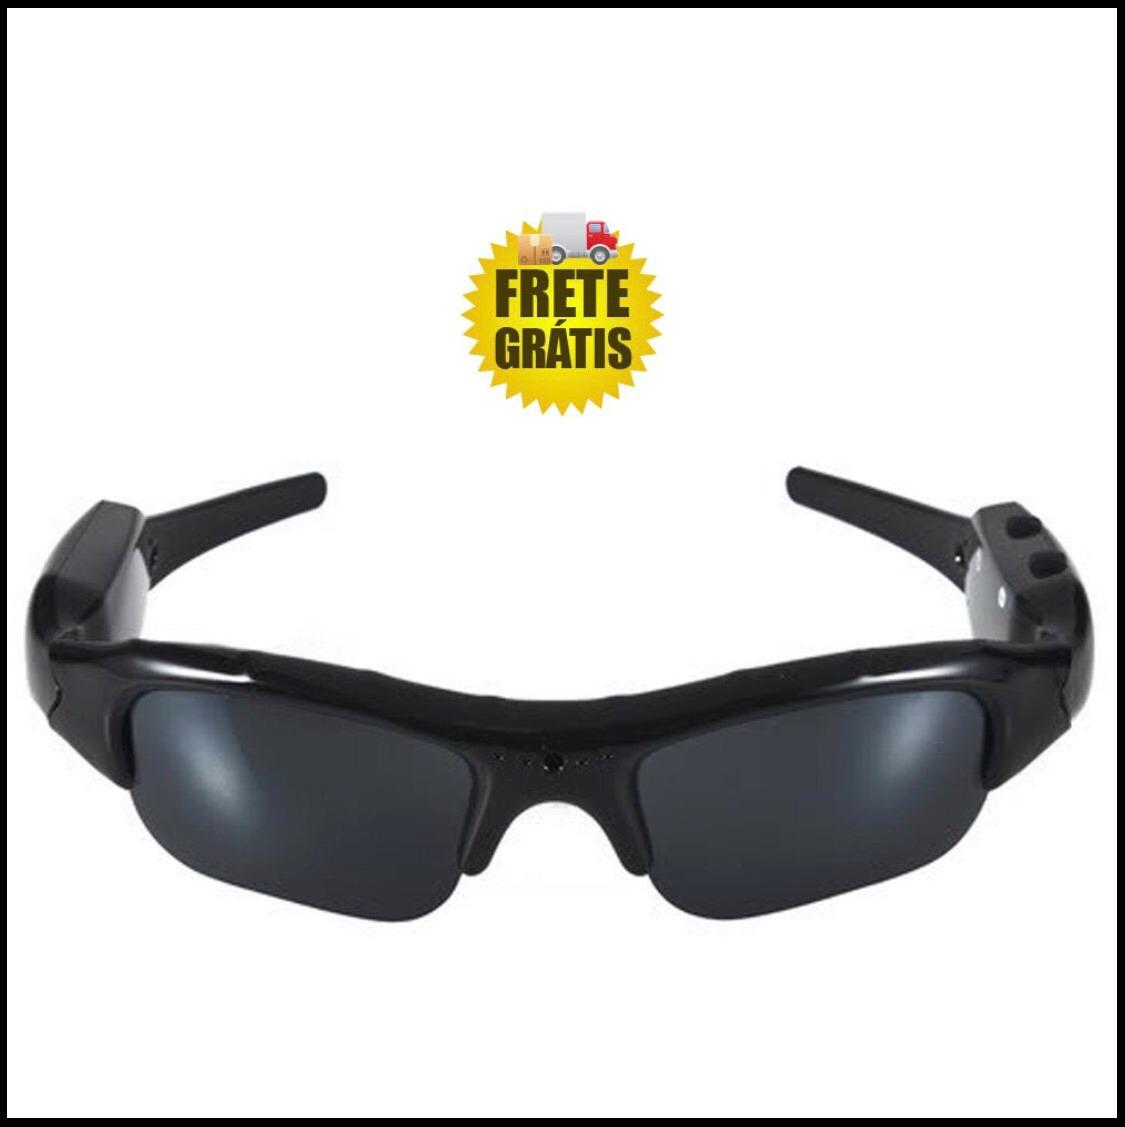 44cb7a406 Óculos Espião Câmera Hd Espiã Ciclismo Trilha - R$ 108,60 em Mercado ...